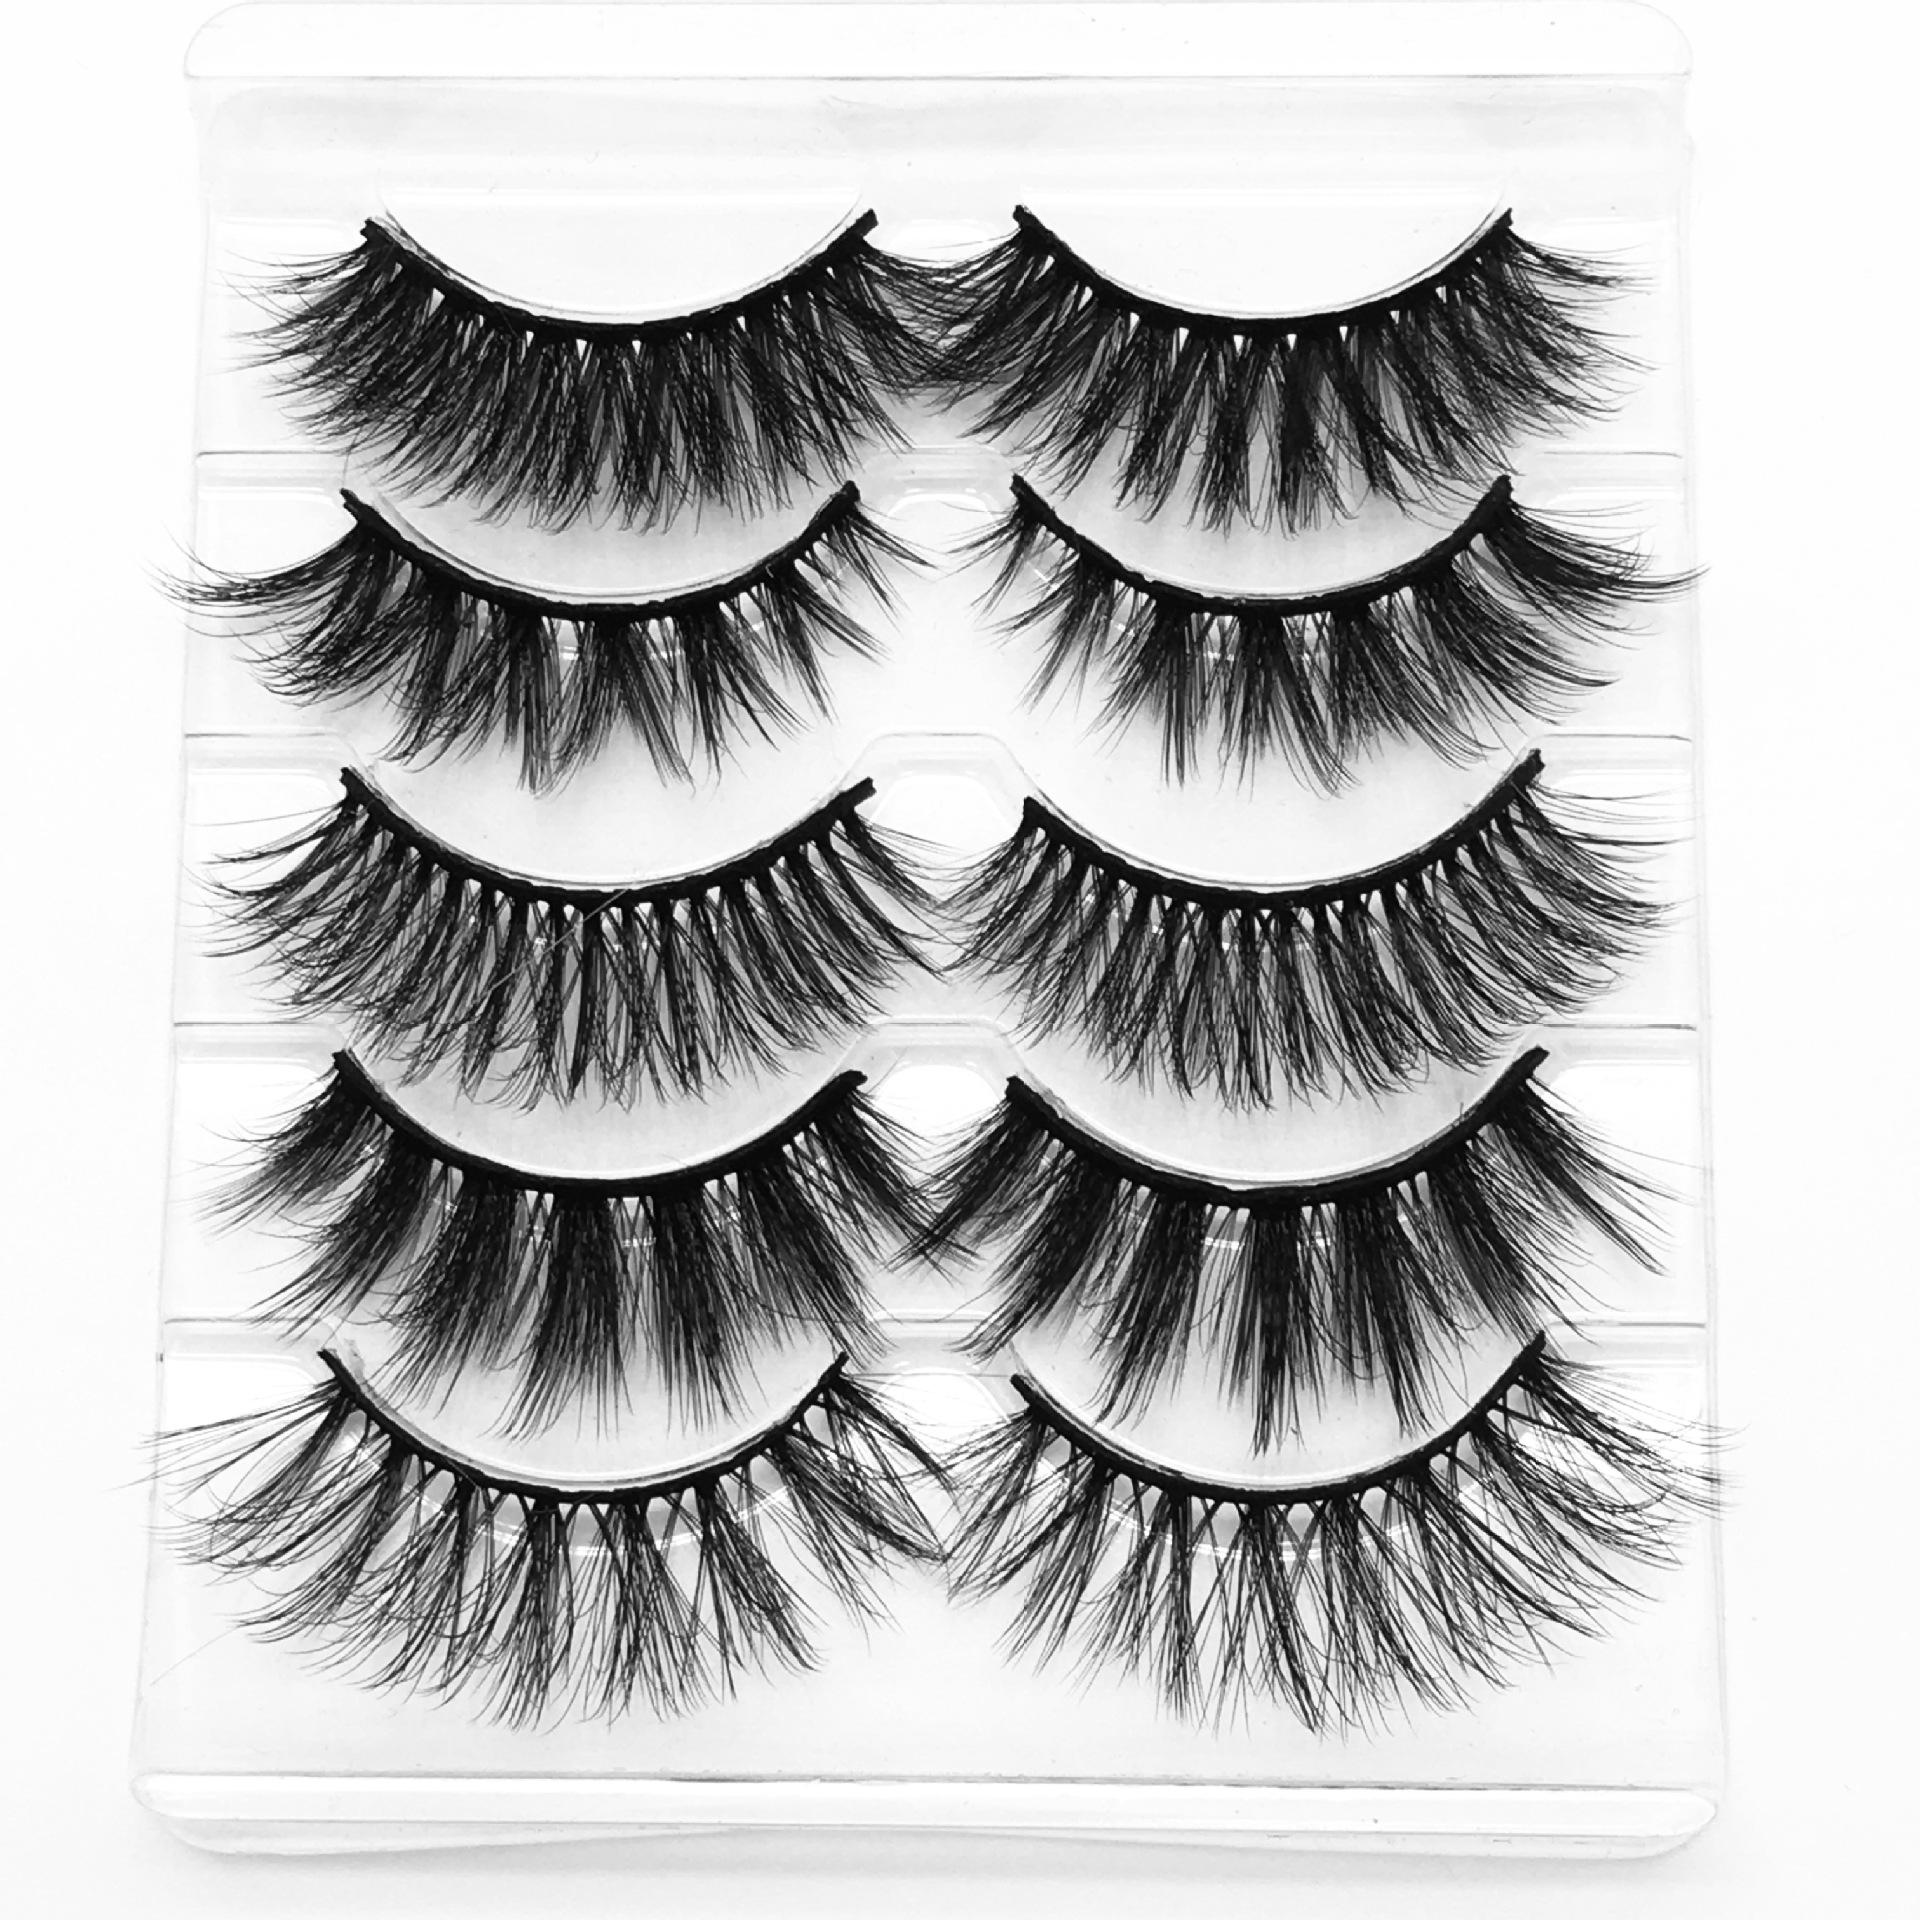 Vizon saç 5D kirpikler doğal kalın sahte göz 5 çift yalancı tam şerit kadınlar göz makyaj için 8 stilleri kirpikleri kirpikleri